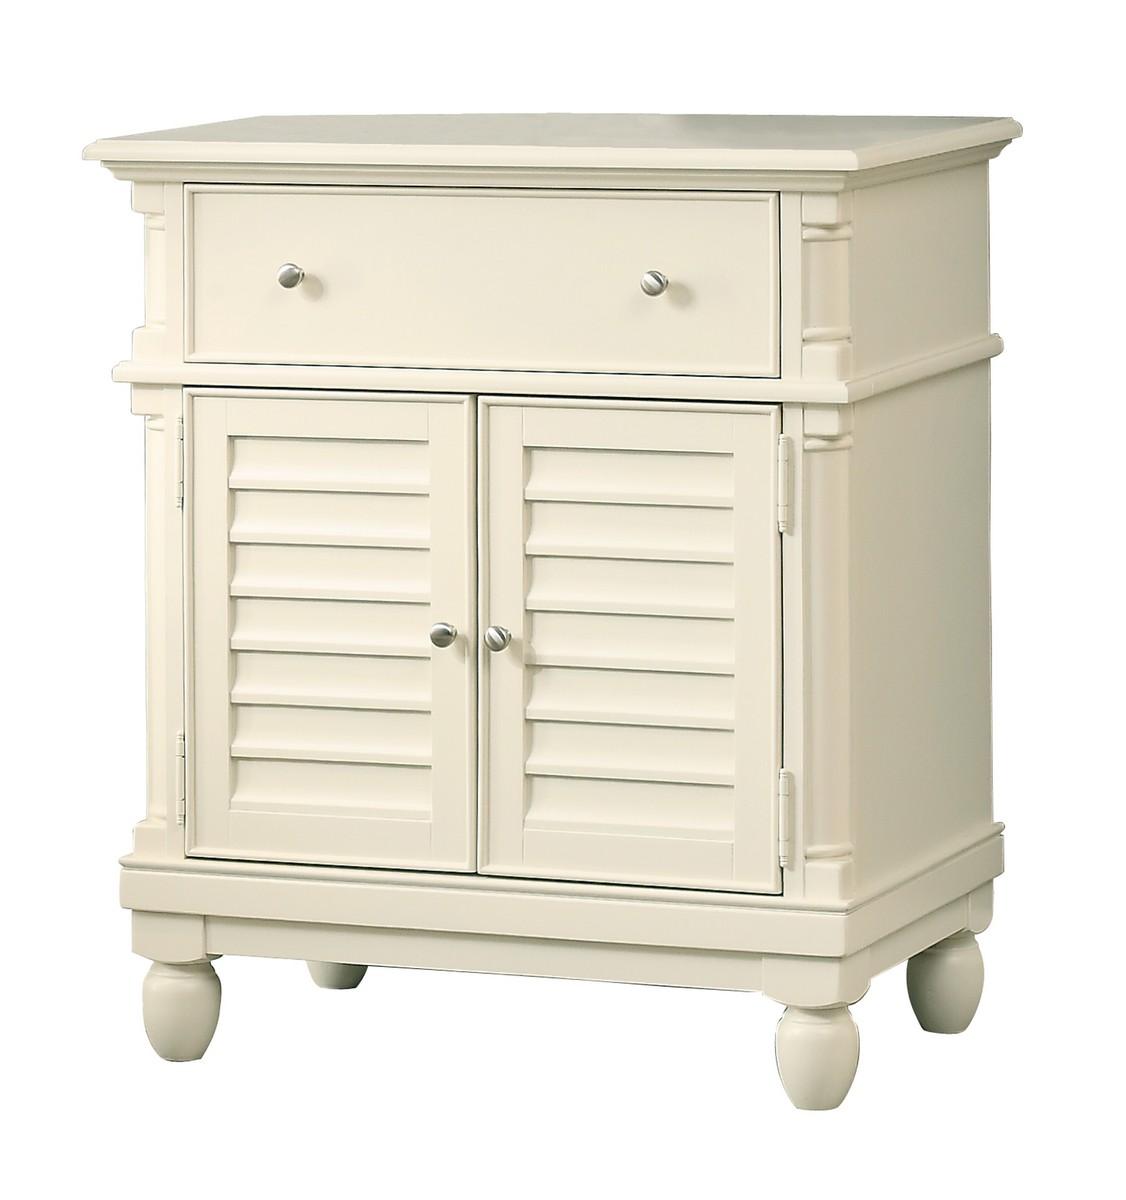 Homelegance Havisham Cabinet - White